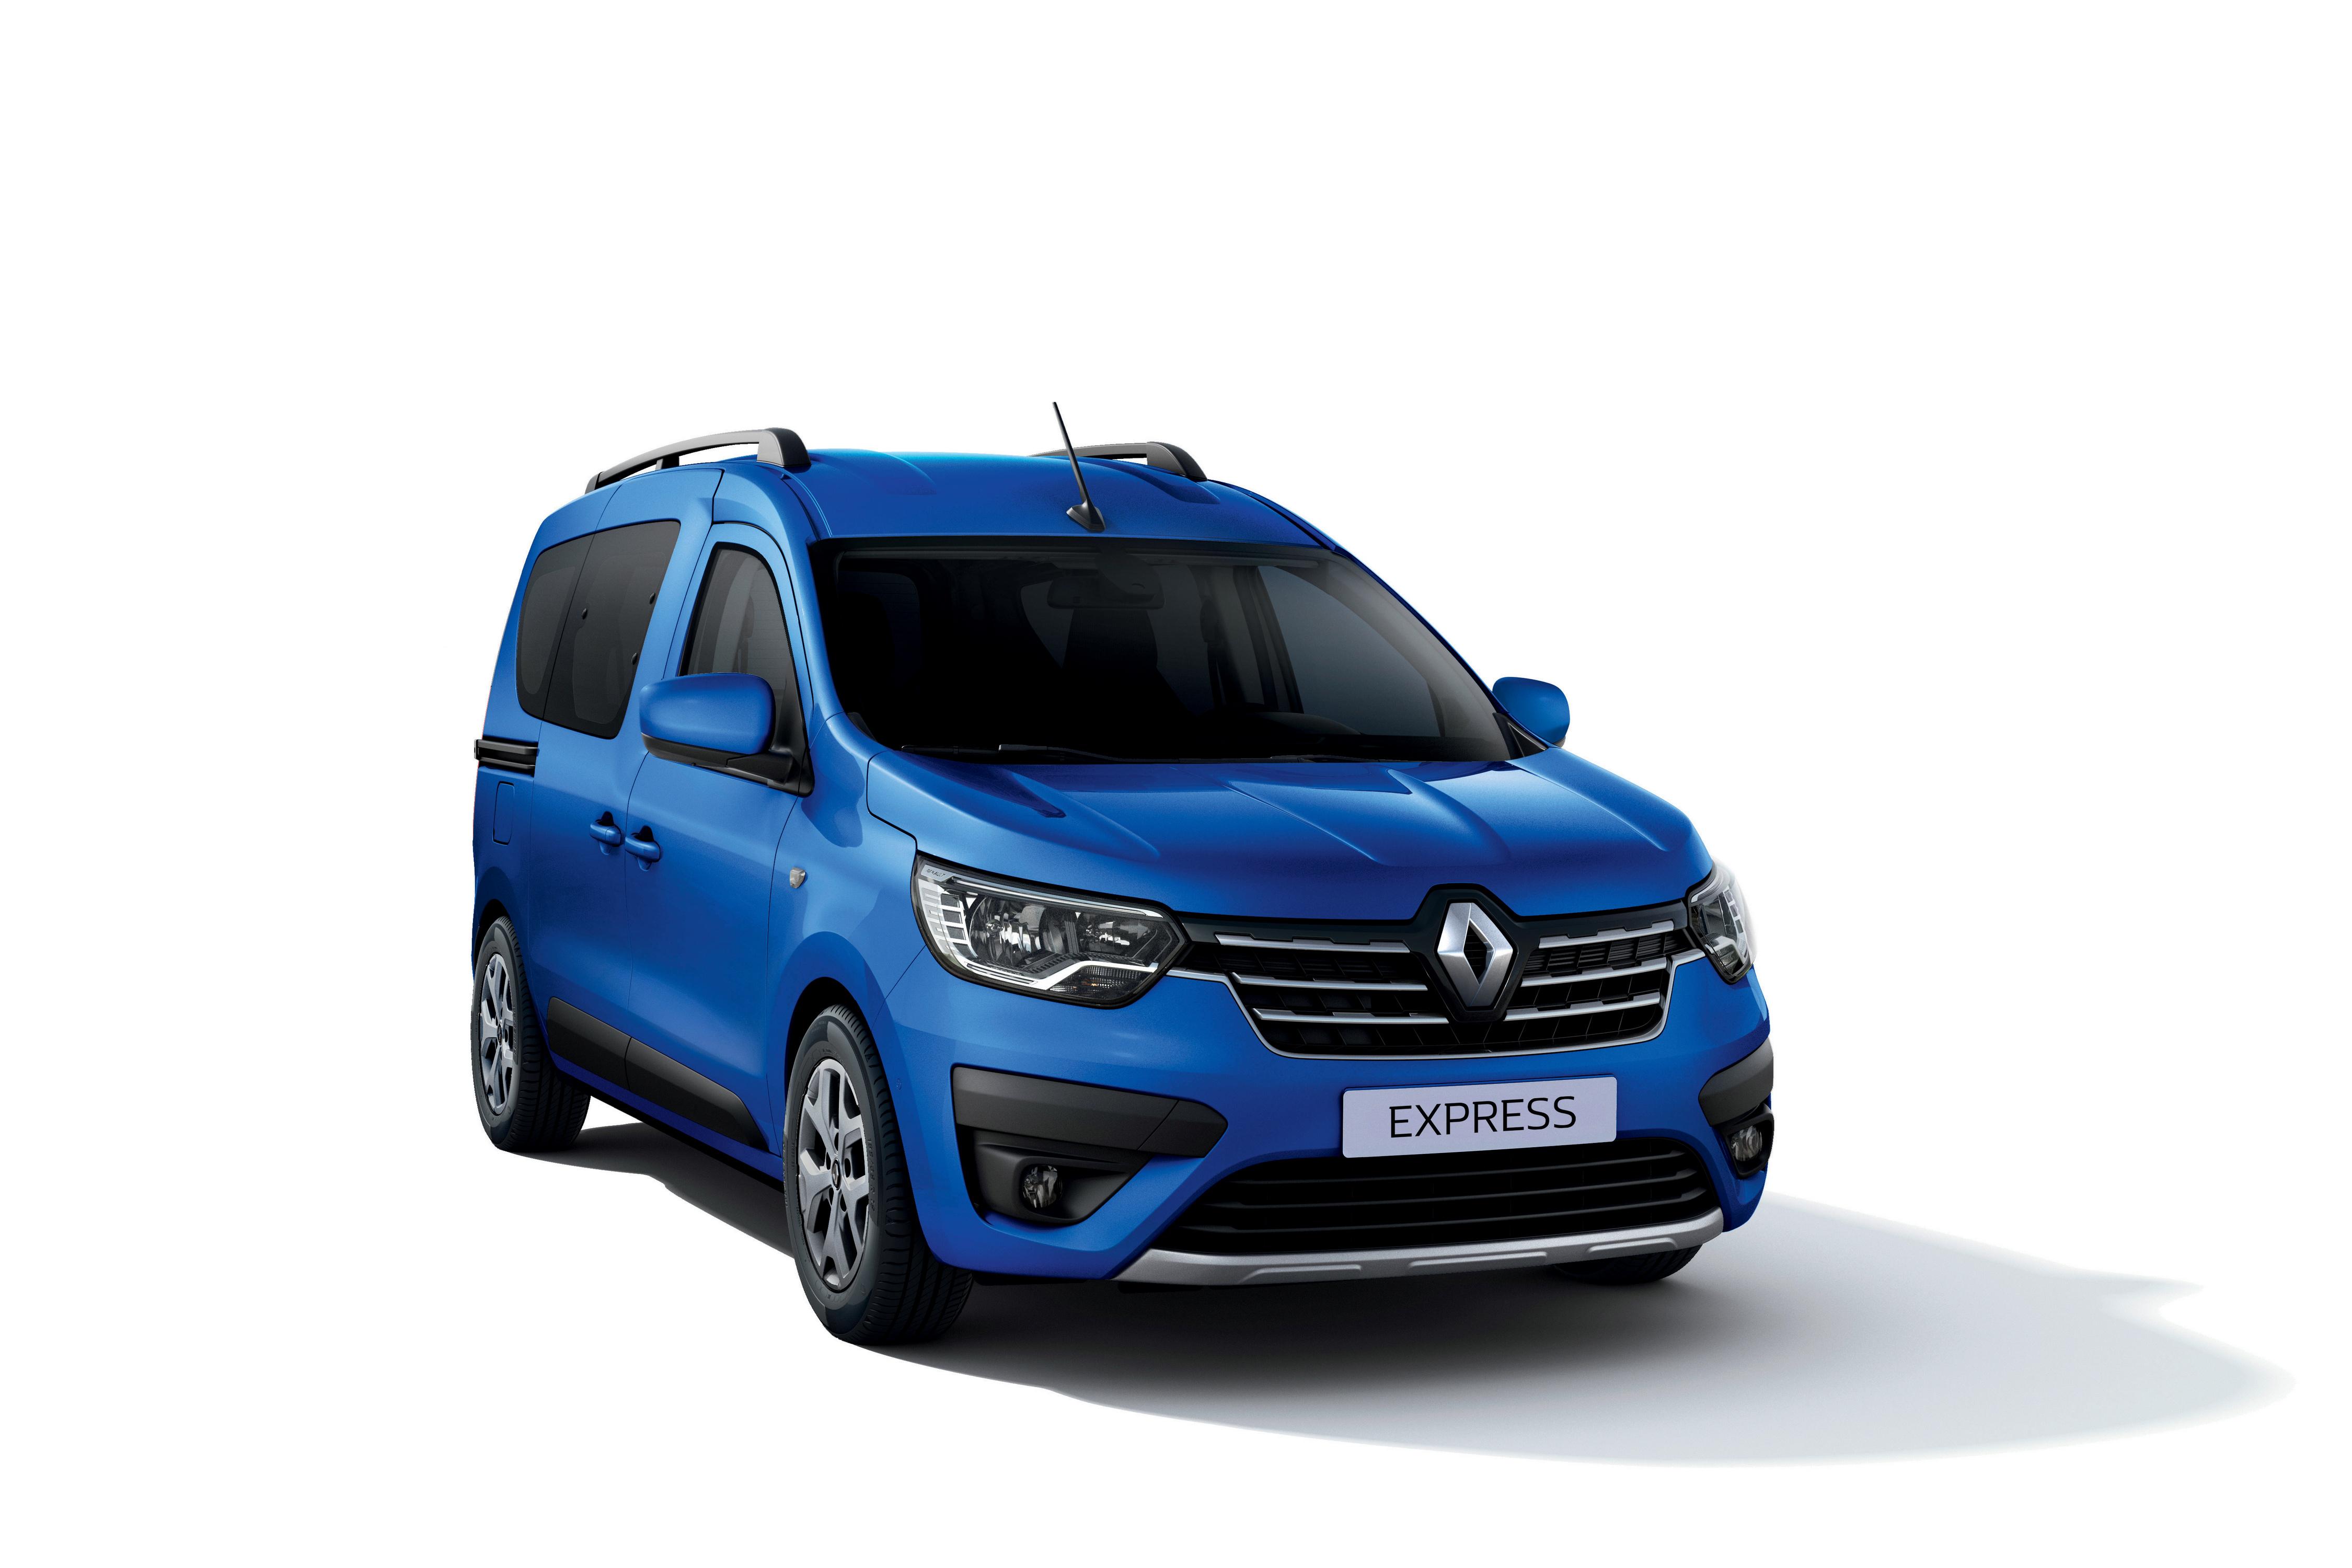 Фотографии Renault Express, 2021 Минивэн Синий машина Металлик белым фоном Рено синяя синие синих авто машины Автомобили автомобиль Белый фон белом фоне